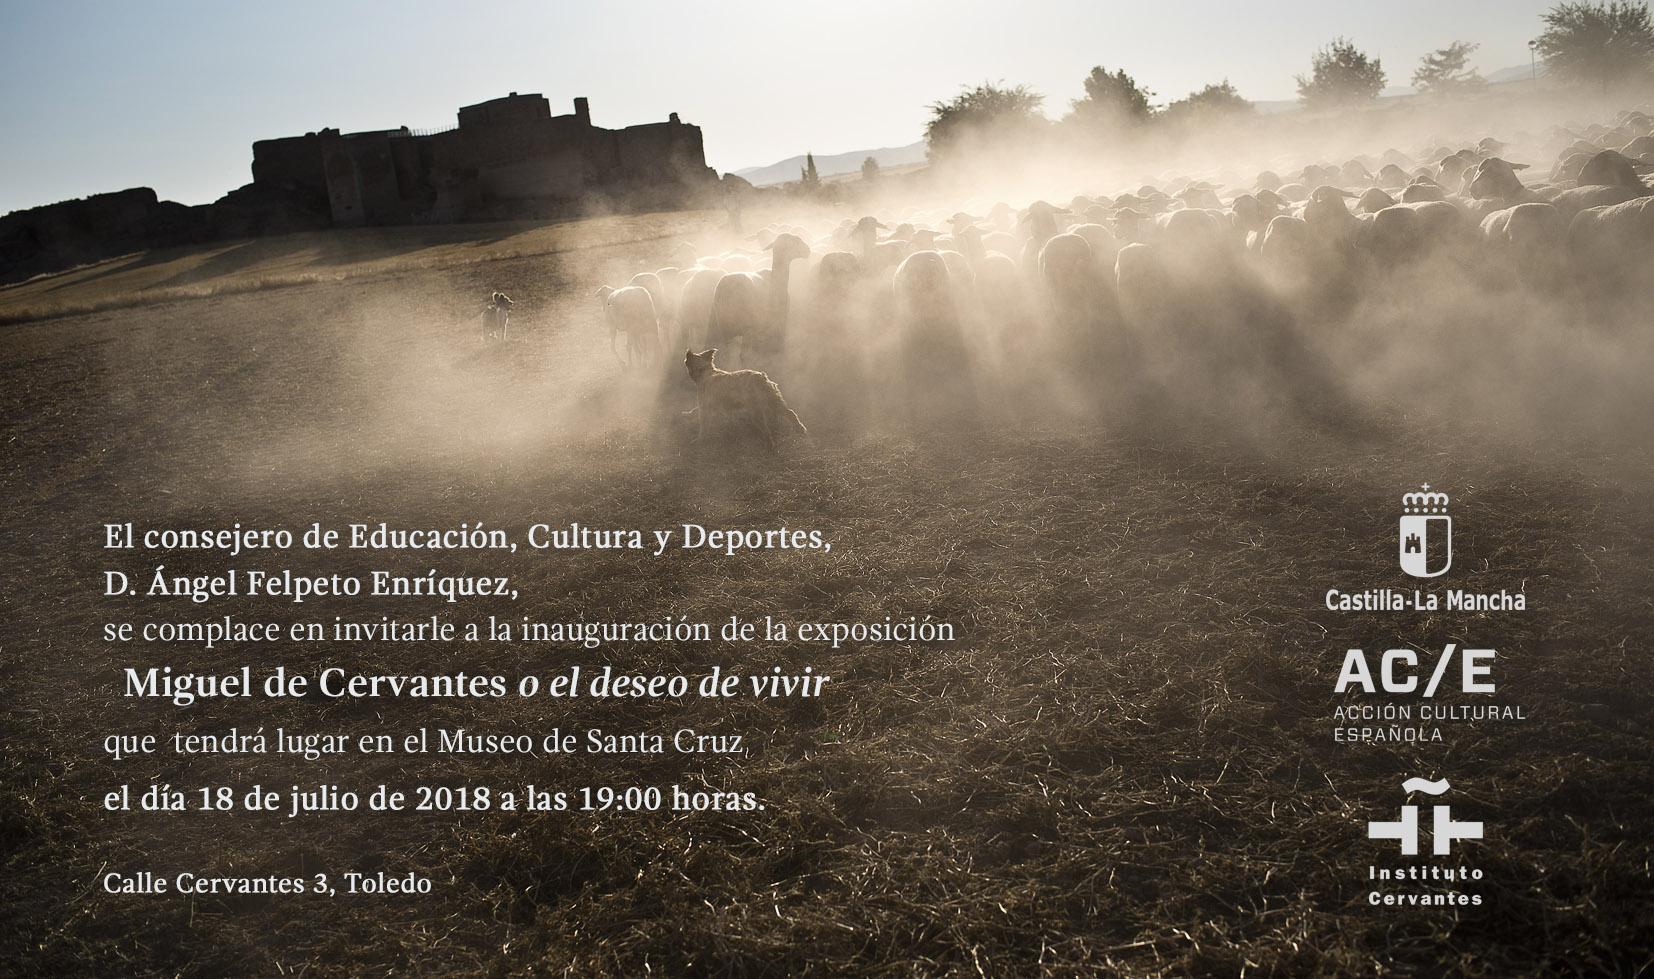 Imagen de la actividad Exposición fotográfica: Miguel de Cervantes o el deseo de vivir